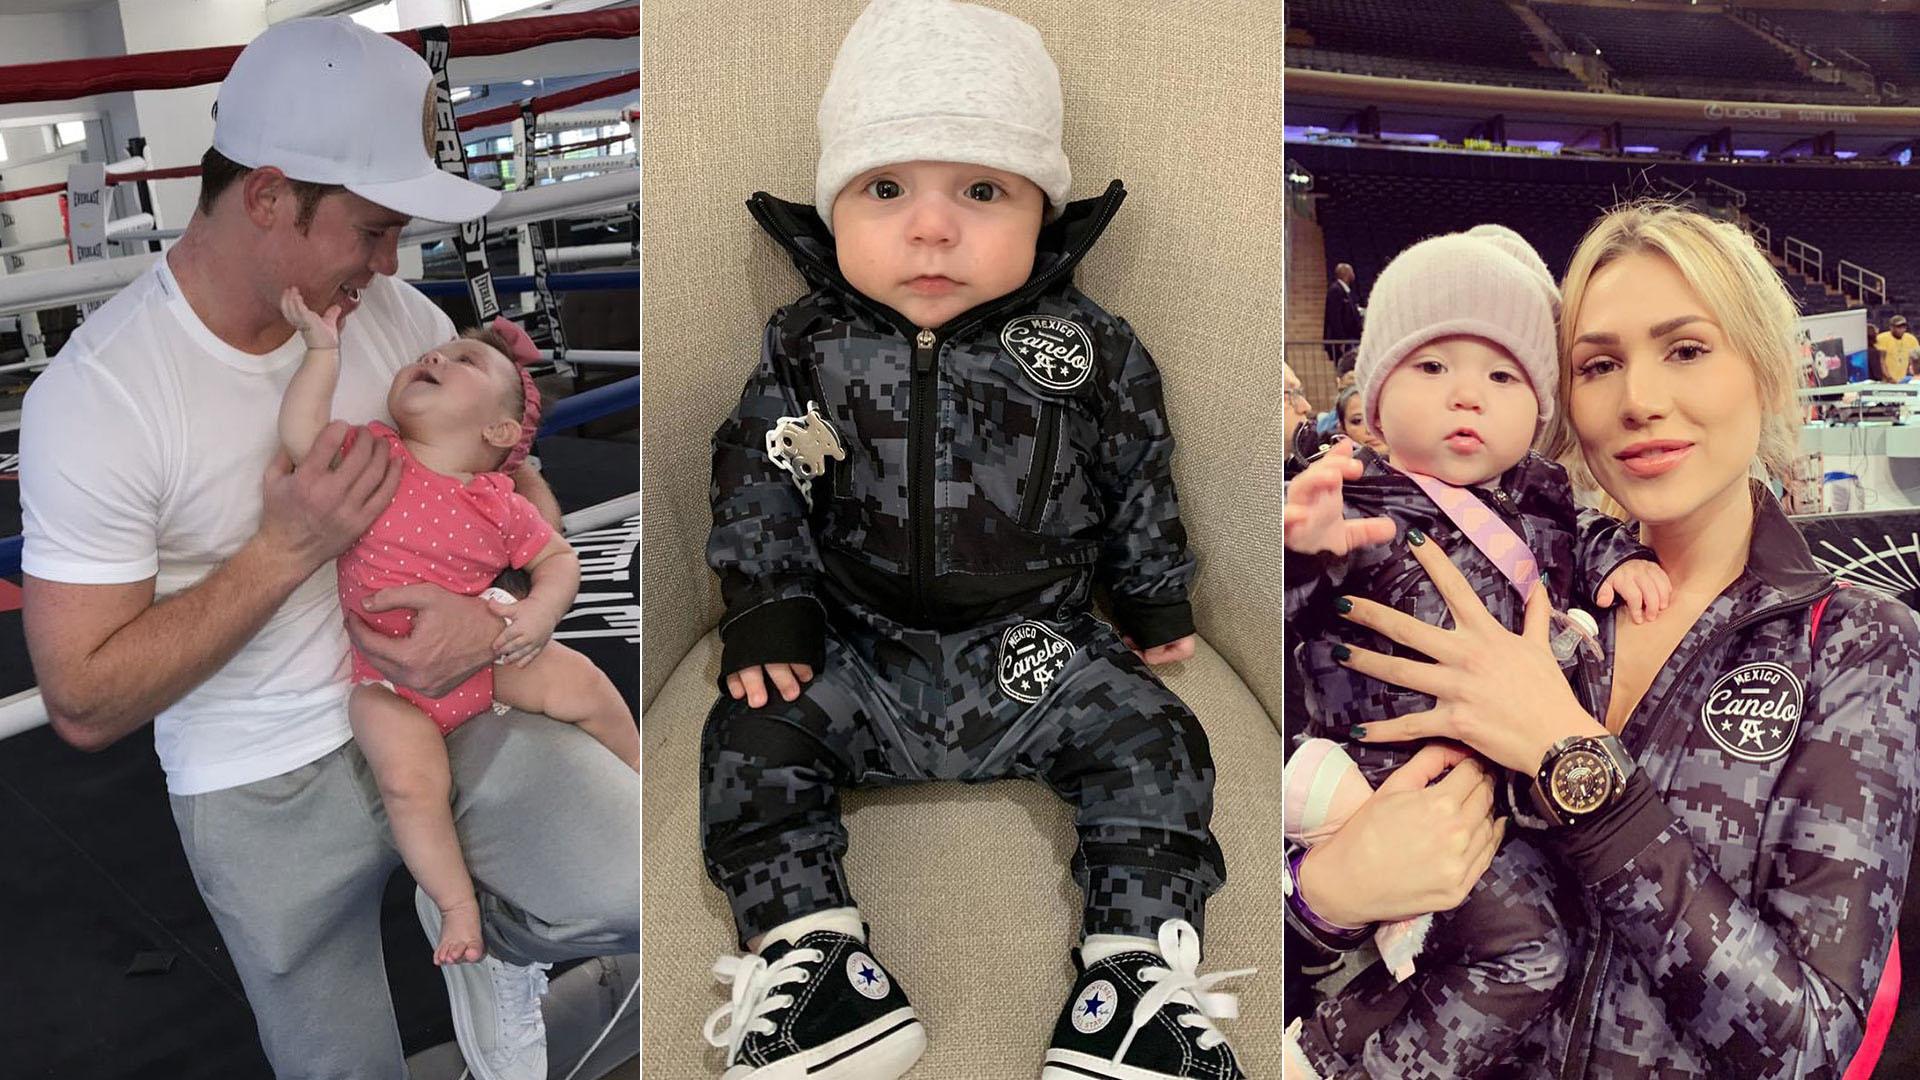 EN FOTOS: La inusual historia de cómo Saúl 'Canelo' Álvarez se convirtió en padre cuatro veces